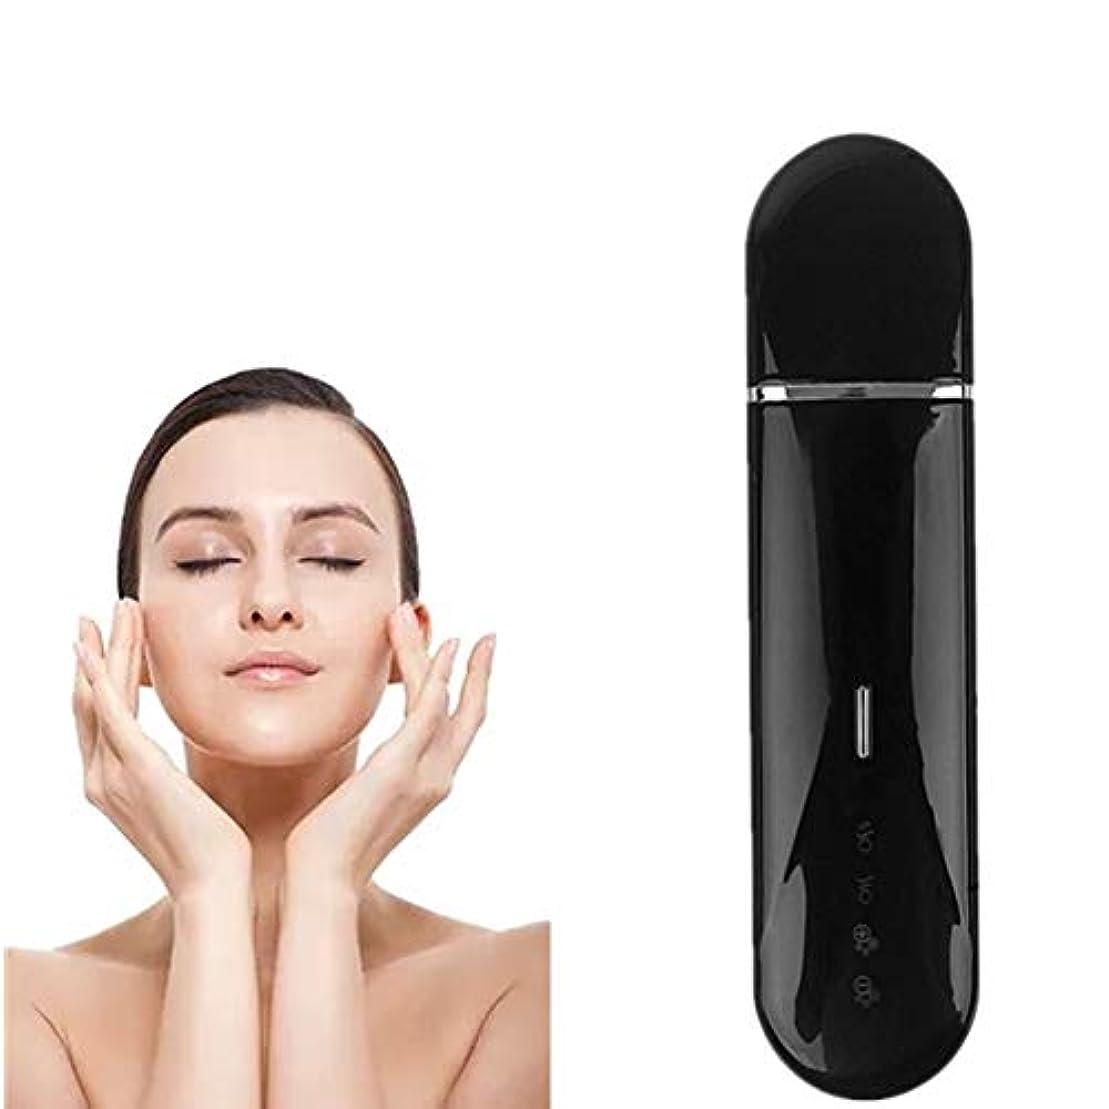 放棄された引き出す効率顔の皮膚スクラバー?フェイシャル美容機器のUSB充電式デバイスブラックヘッドリムーバー毛穴掃除機モードツールスキンケアピーリングしわ除去機 - 黒のピーリング?フェイシャルリフティング